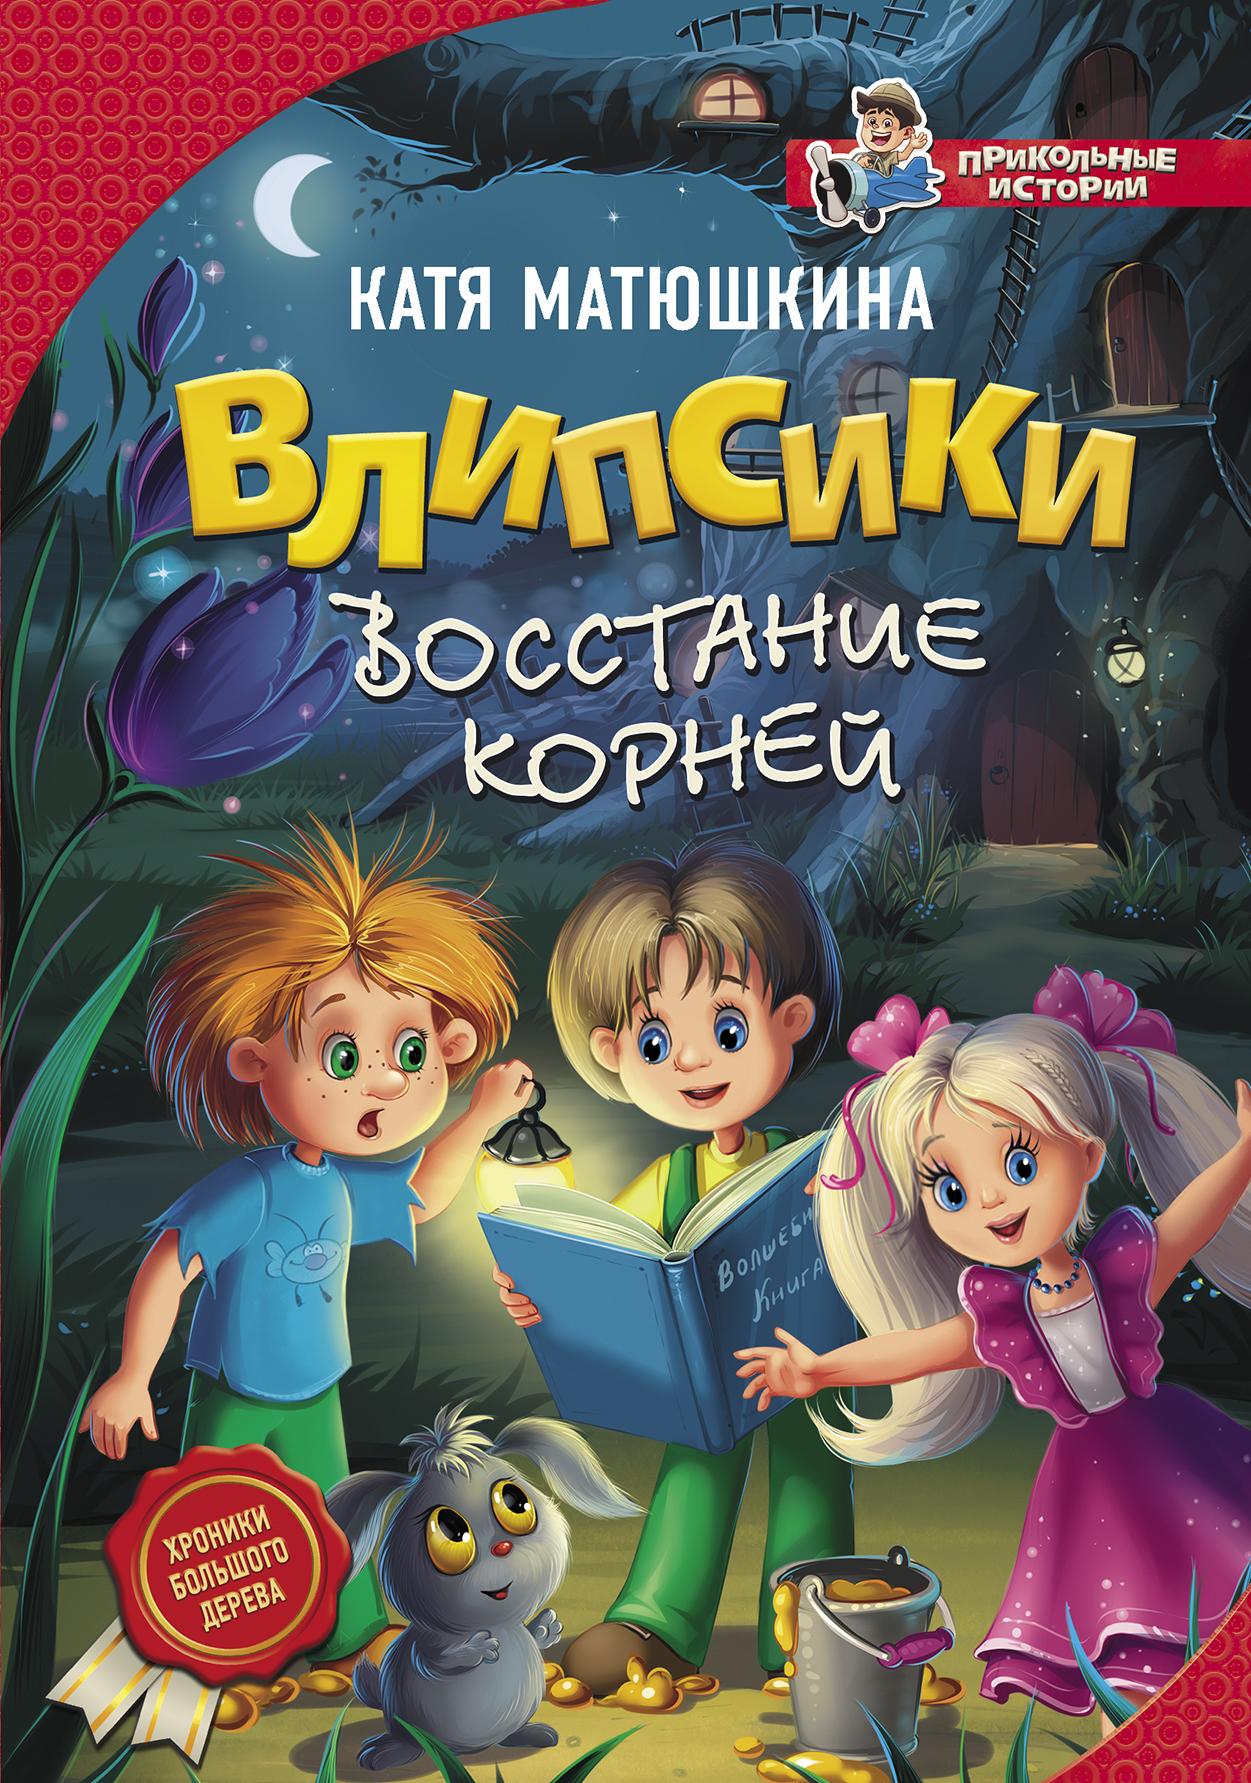 Матюшкина К. Влипсики. Восстание корней тюк тюк кулачок 2 4 года